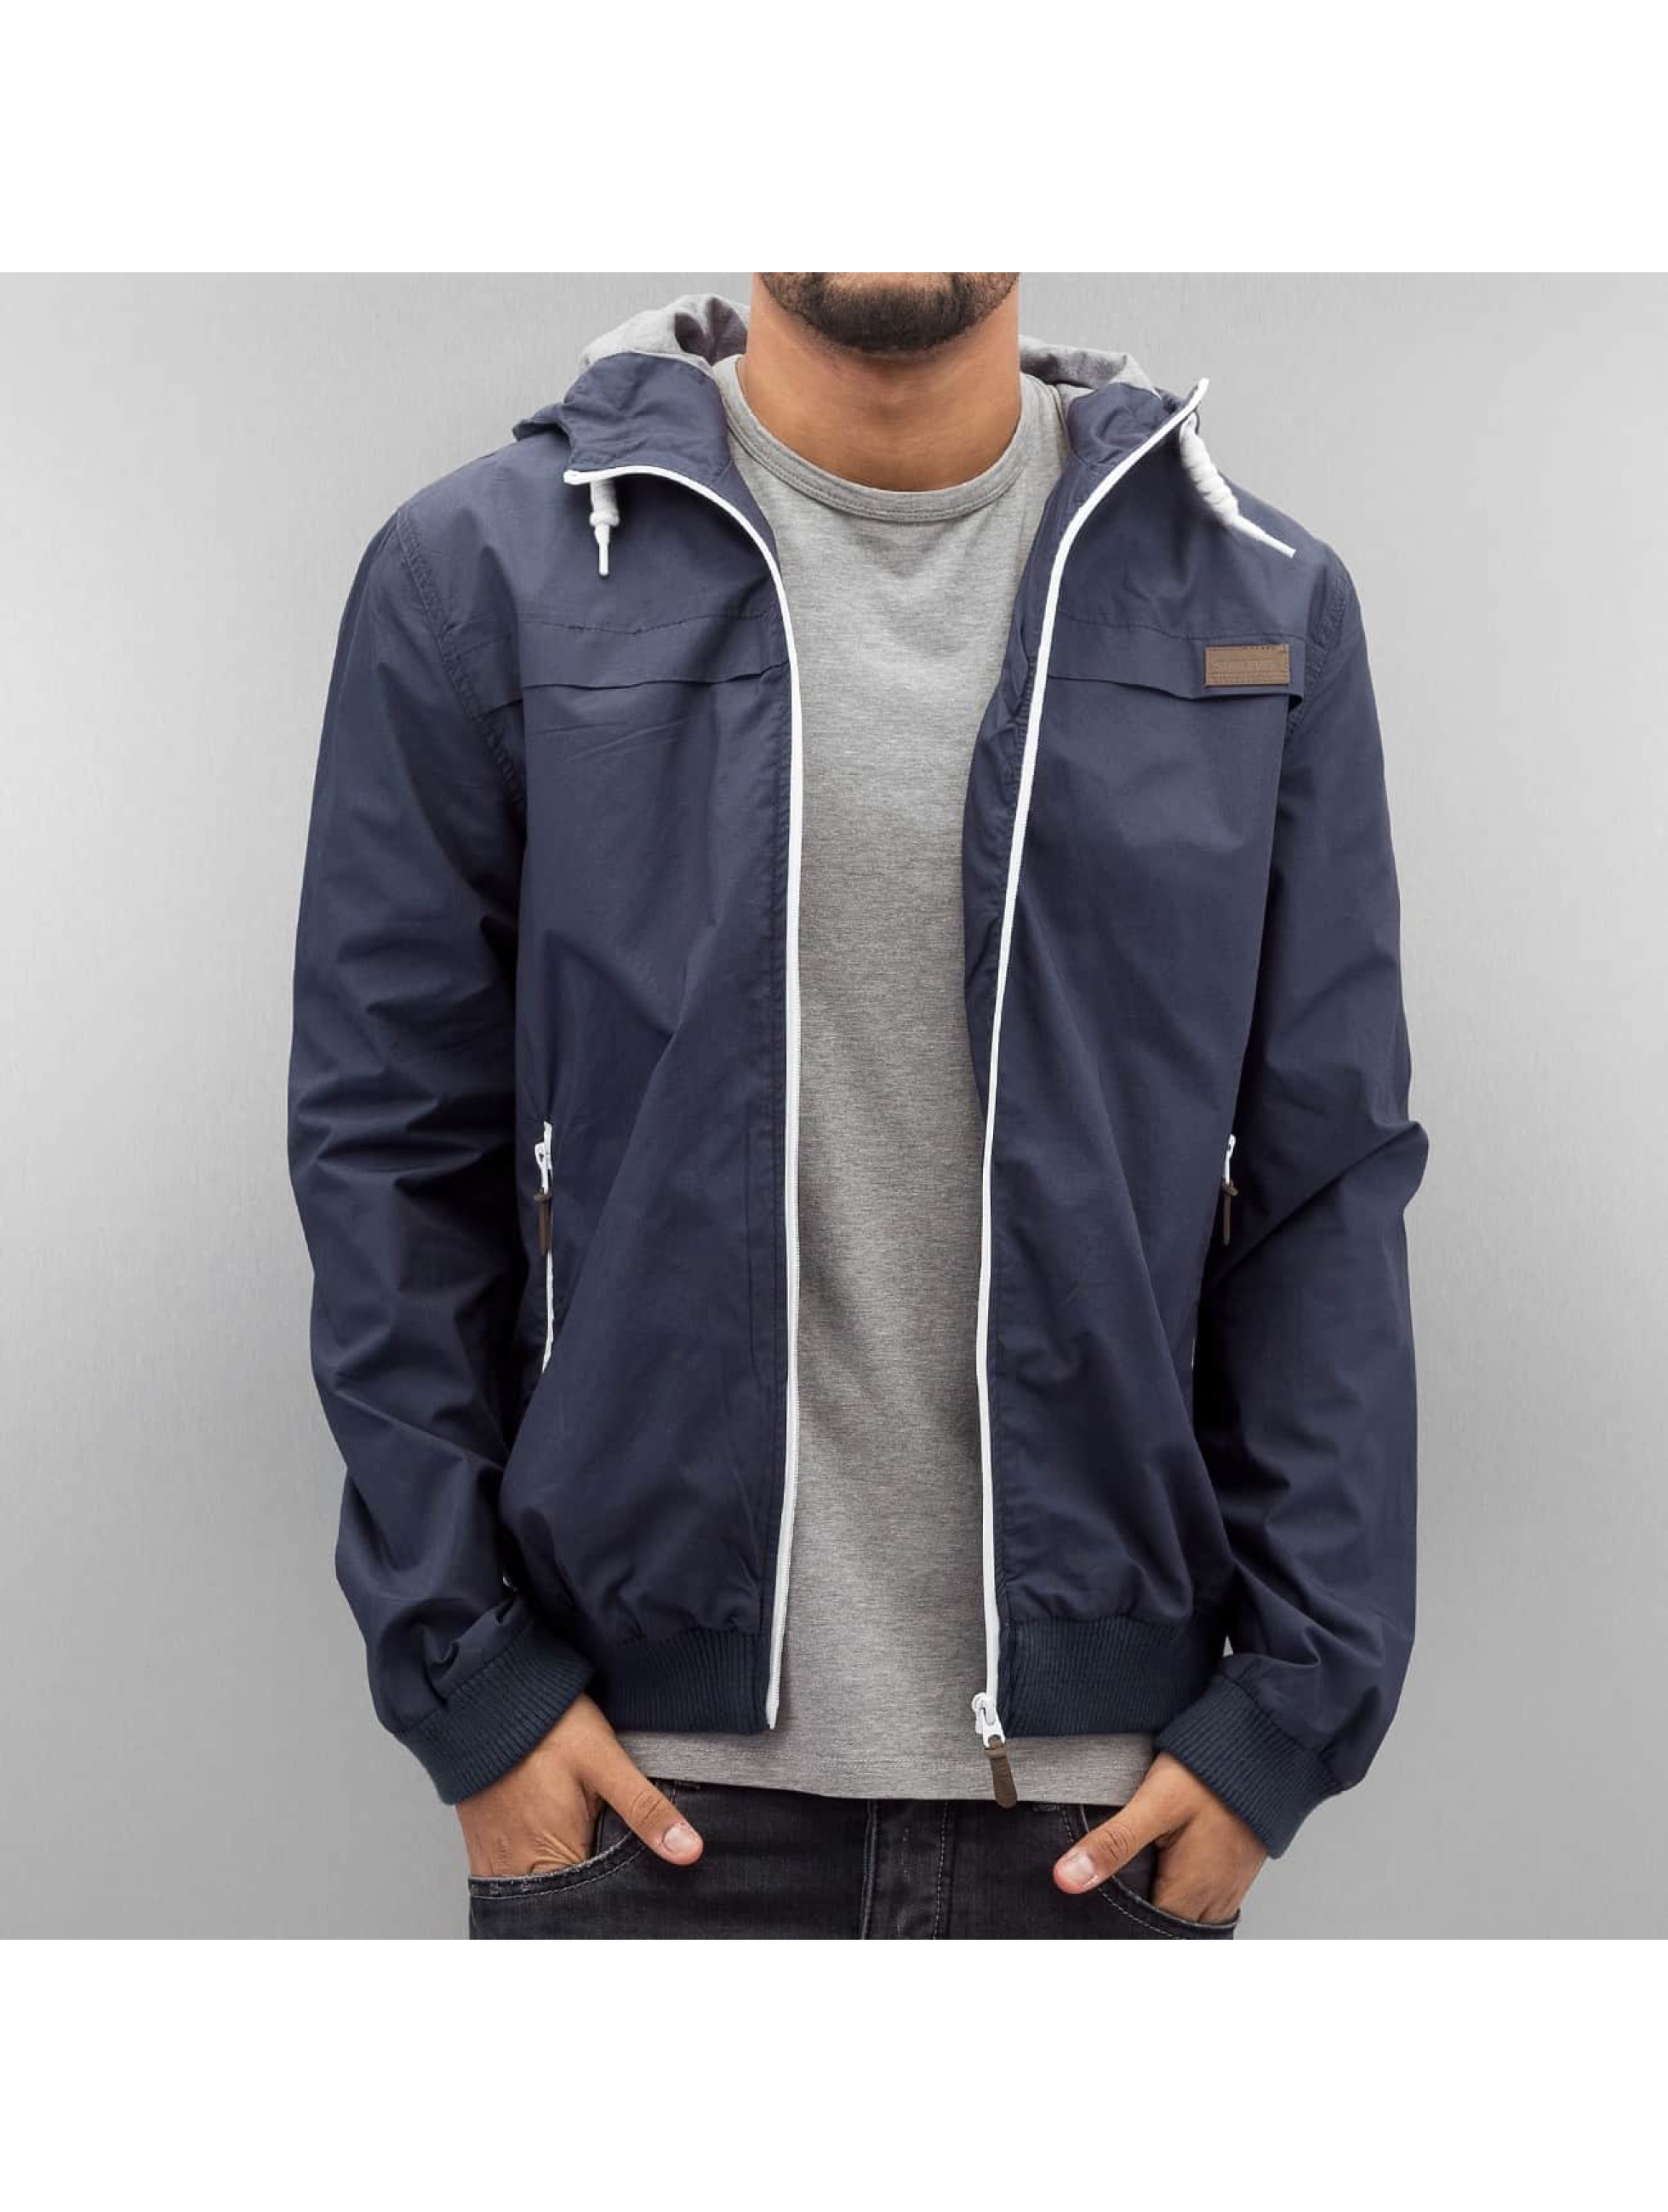 Authentic Style Lightweight Jacket Sublevel Basic blue